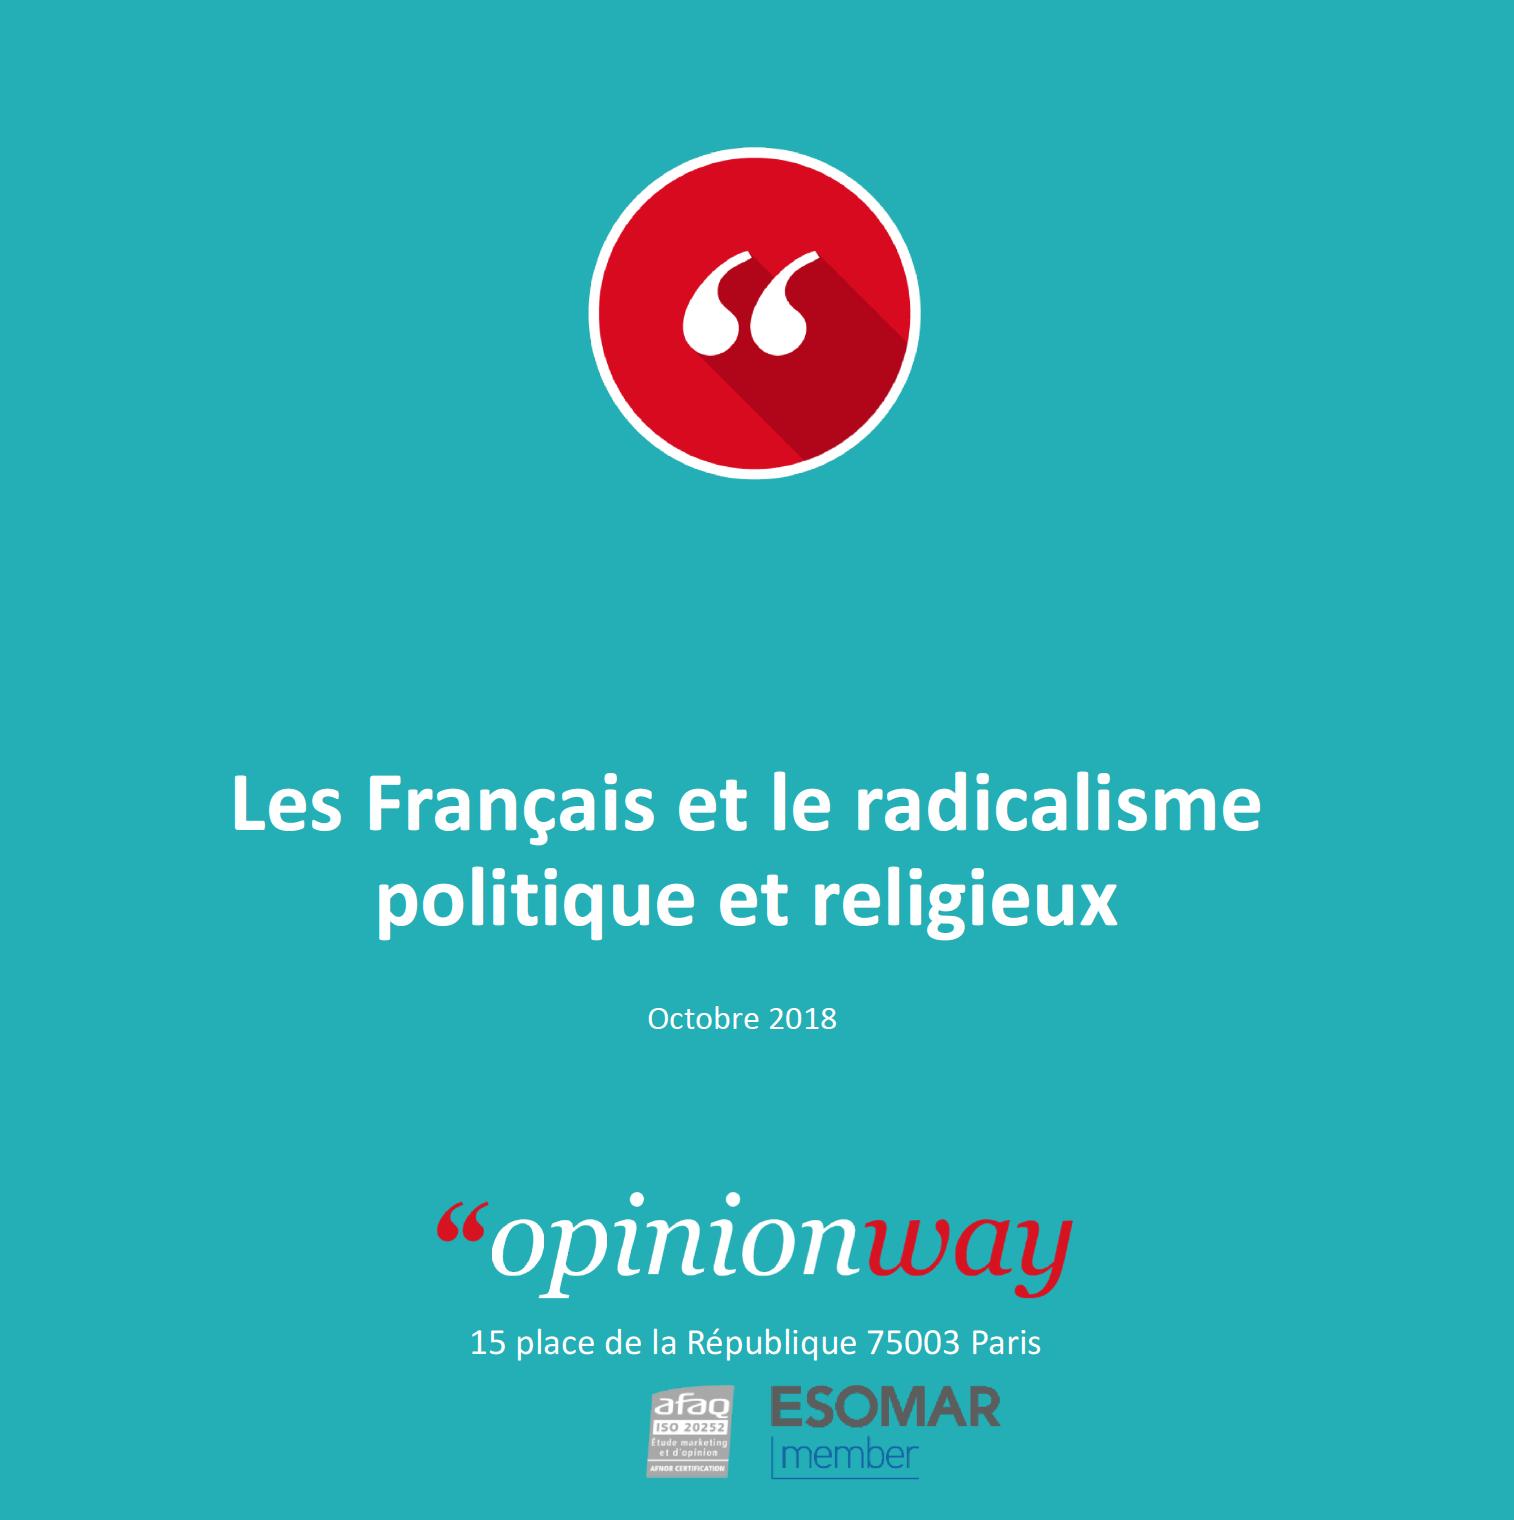 Sondage « Opinionway   « Les Français et le radicalisme politique et  religieux » f9dbd2a607aa